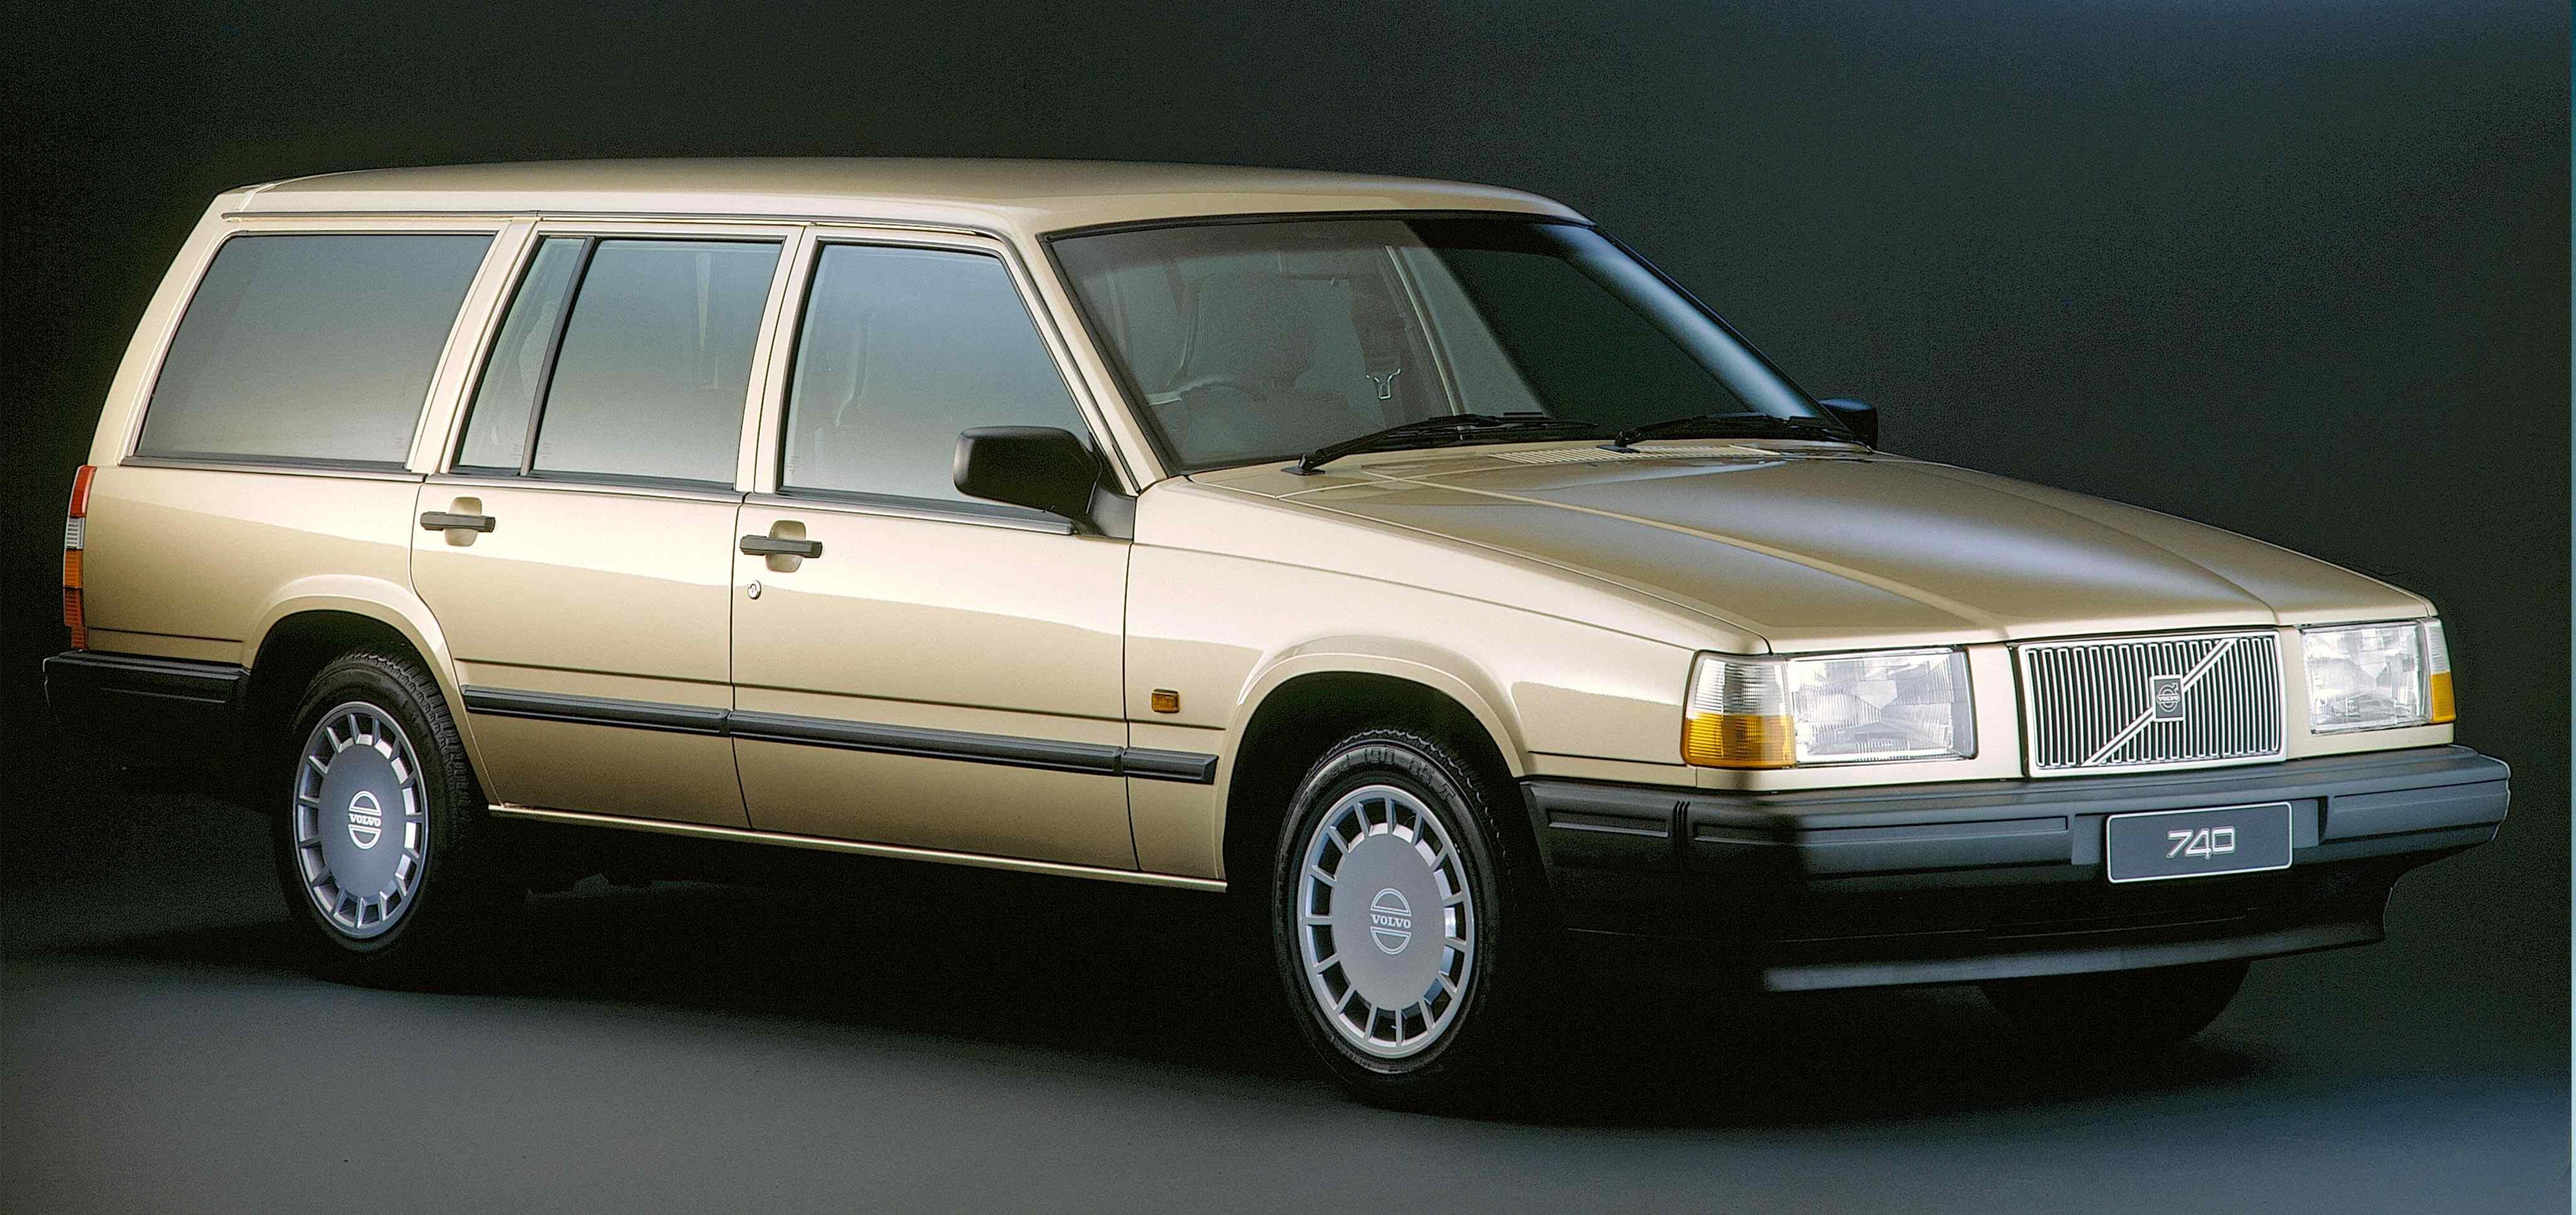 Un Volvo 740 state color dorado en un estudio